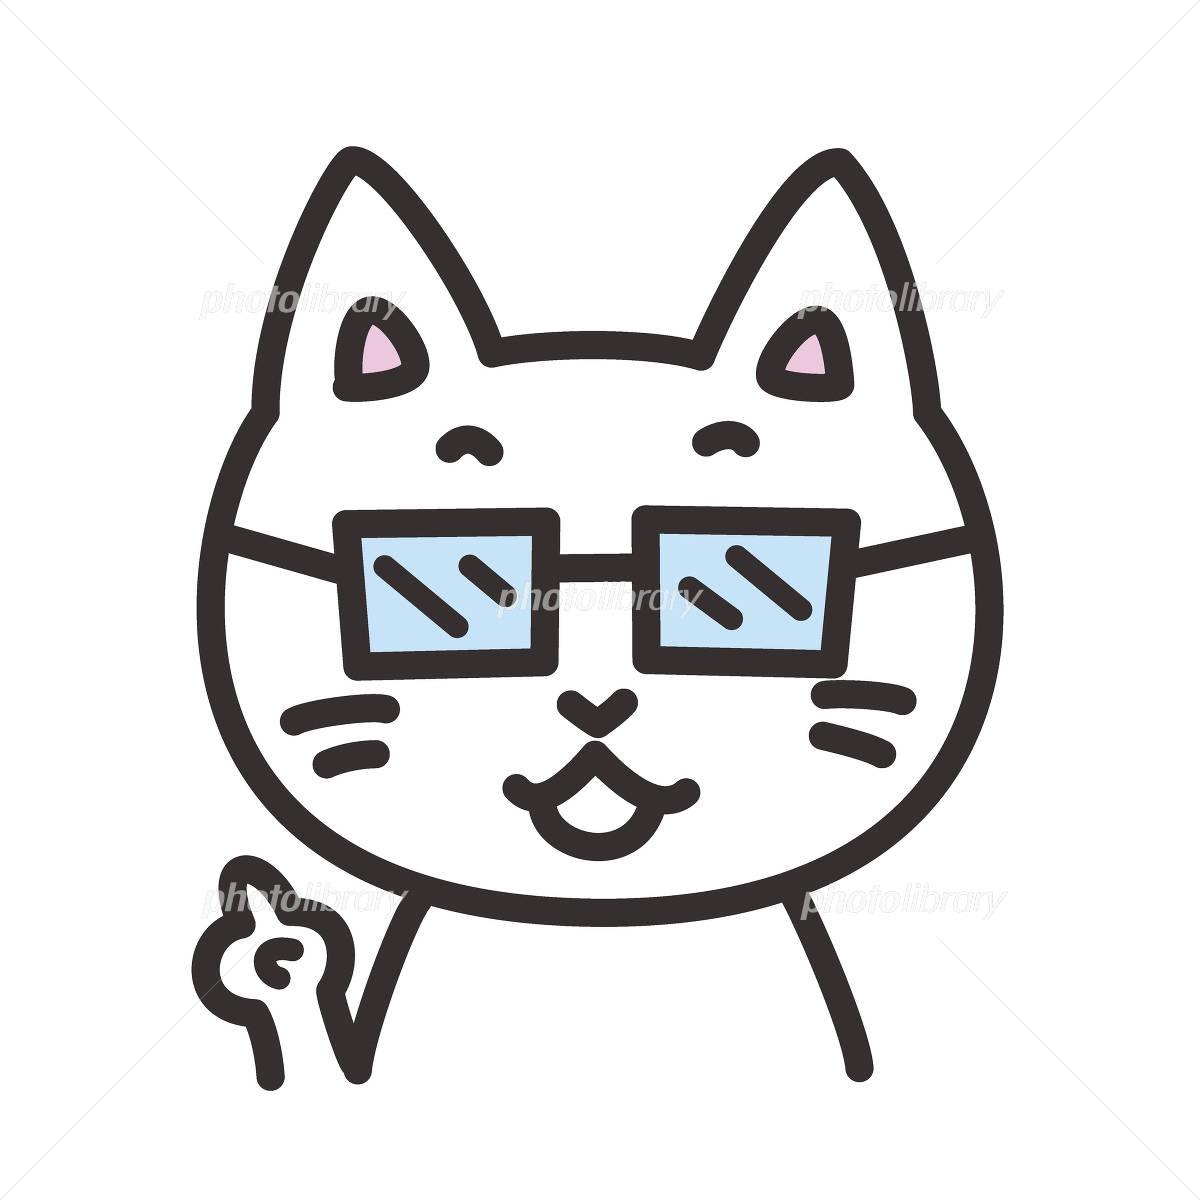 猫のキャラクター 表情 眼鏡で説明 イラスト素材 4923604 フォト